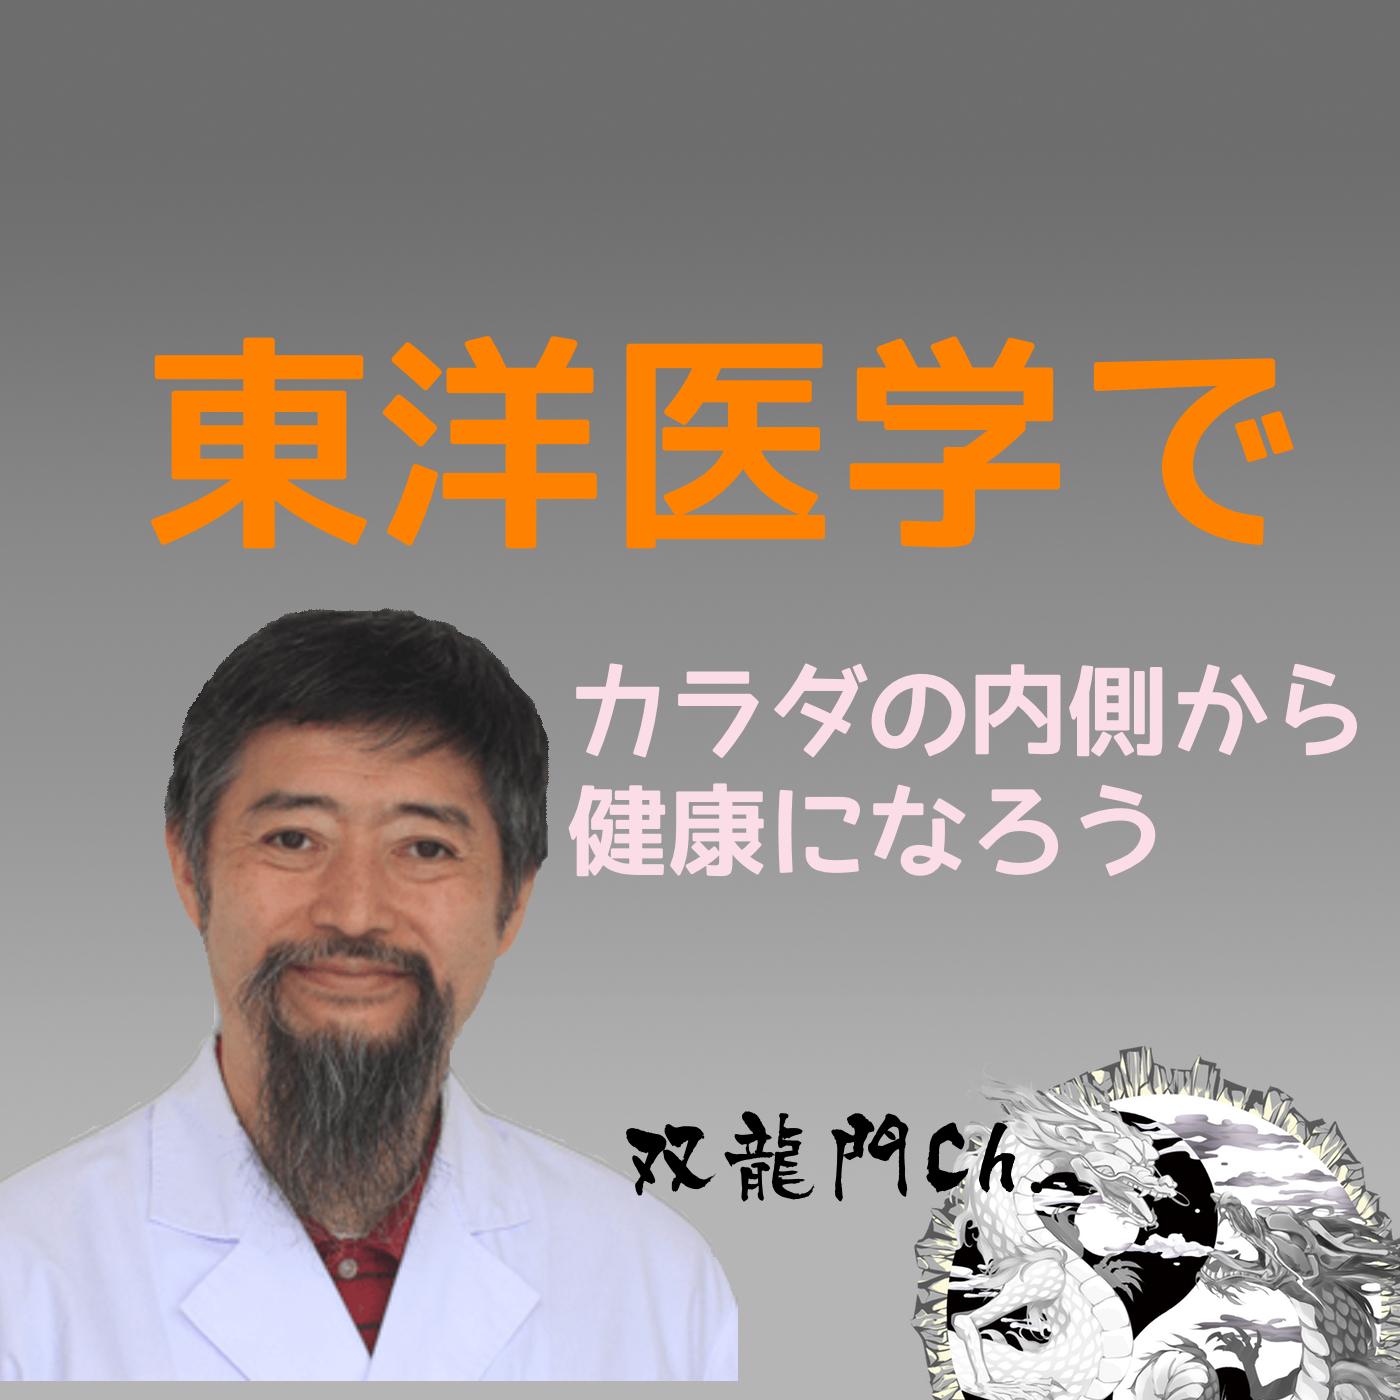 双龍門医術で健康に!!のイメージ